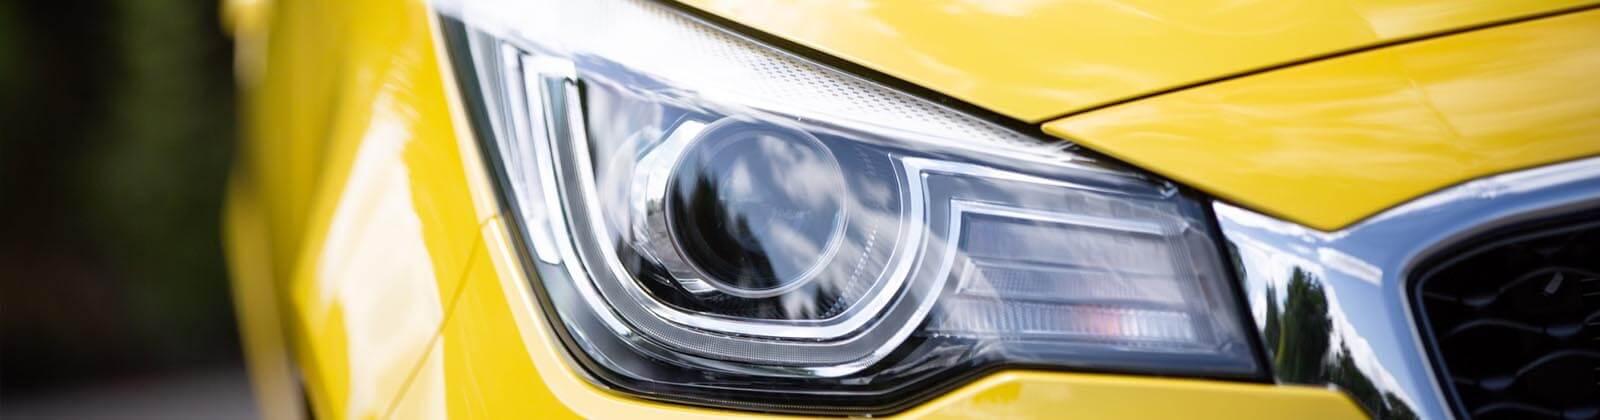 MG3 Headlight